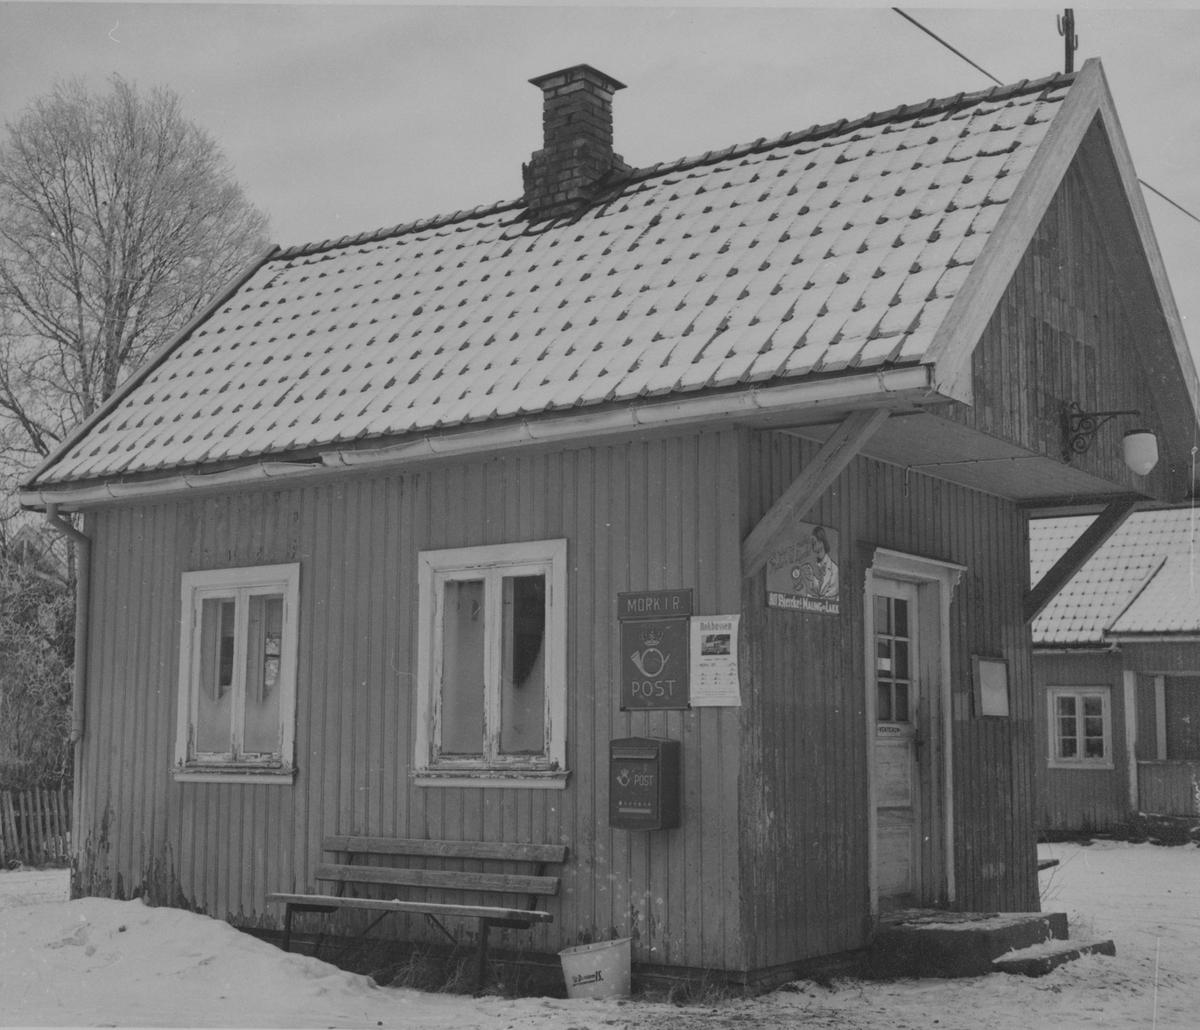 Mork stasjon på nedlagte Urskog-Hølandsbanen, her som poståpneri